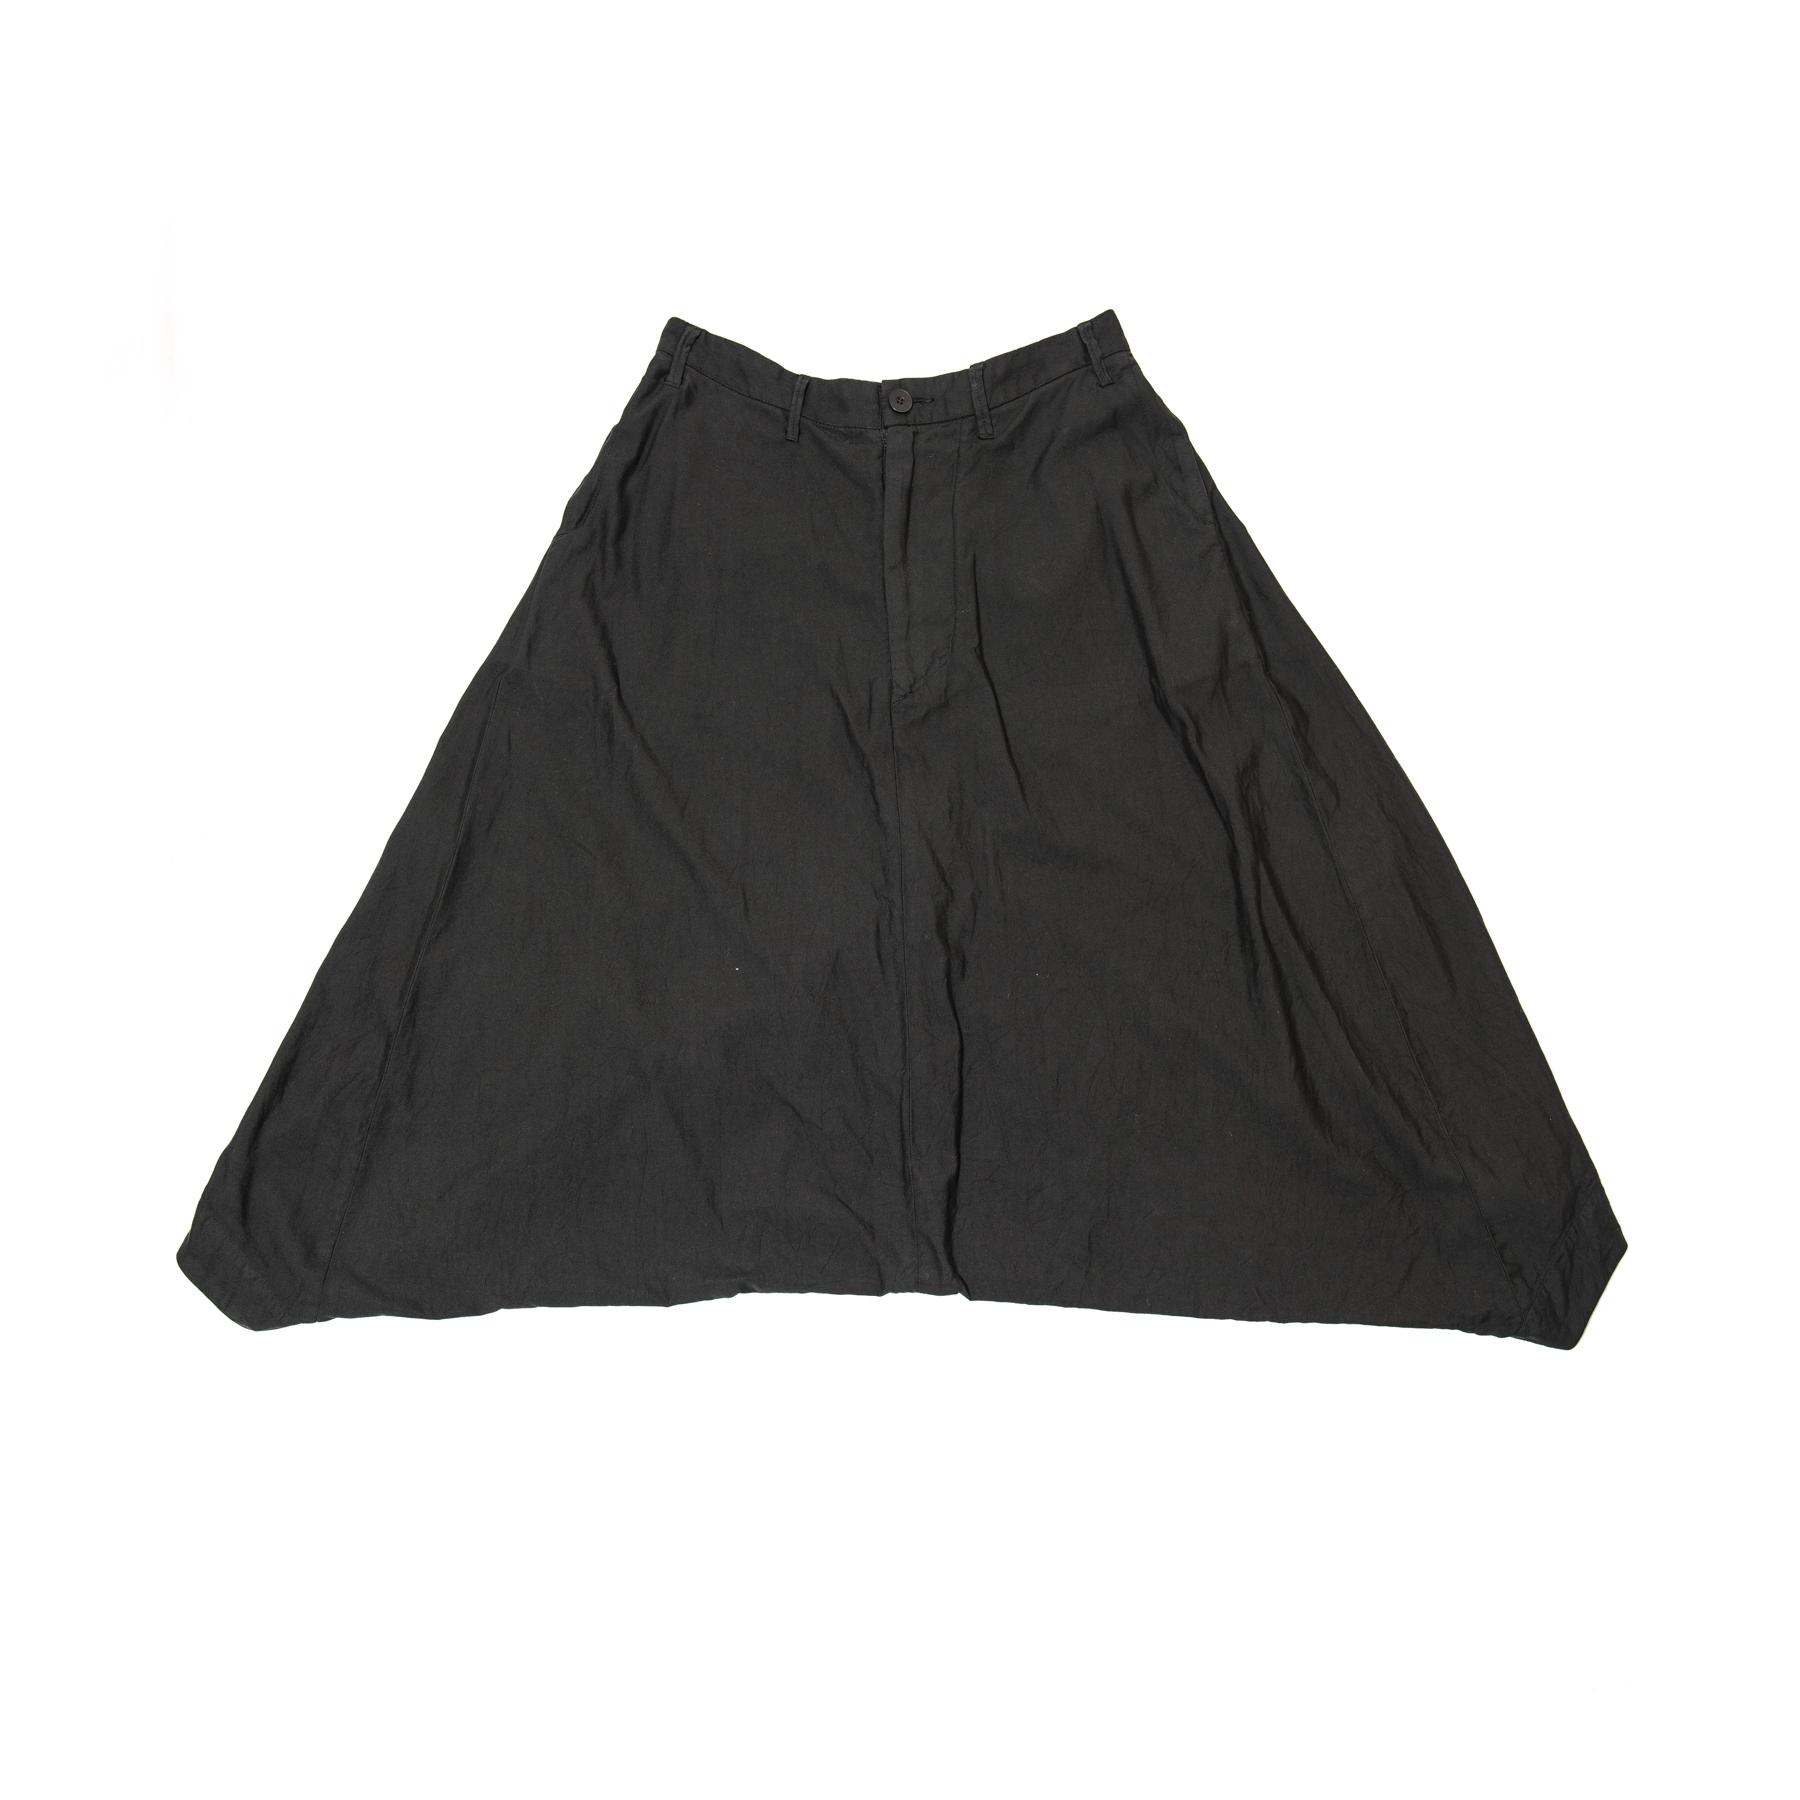 007PAM46-BLACK / オーバークロッチパンツ